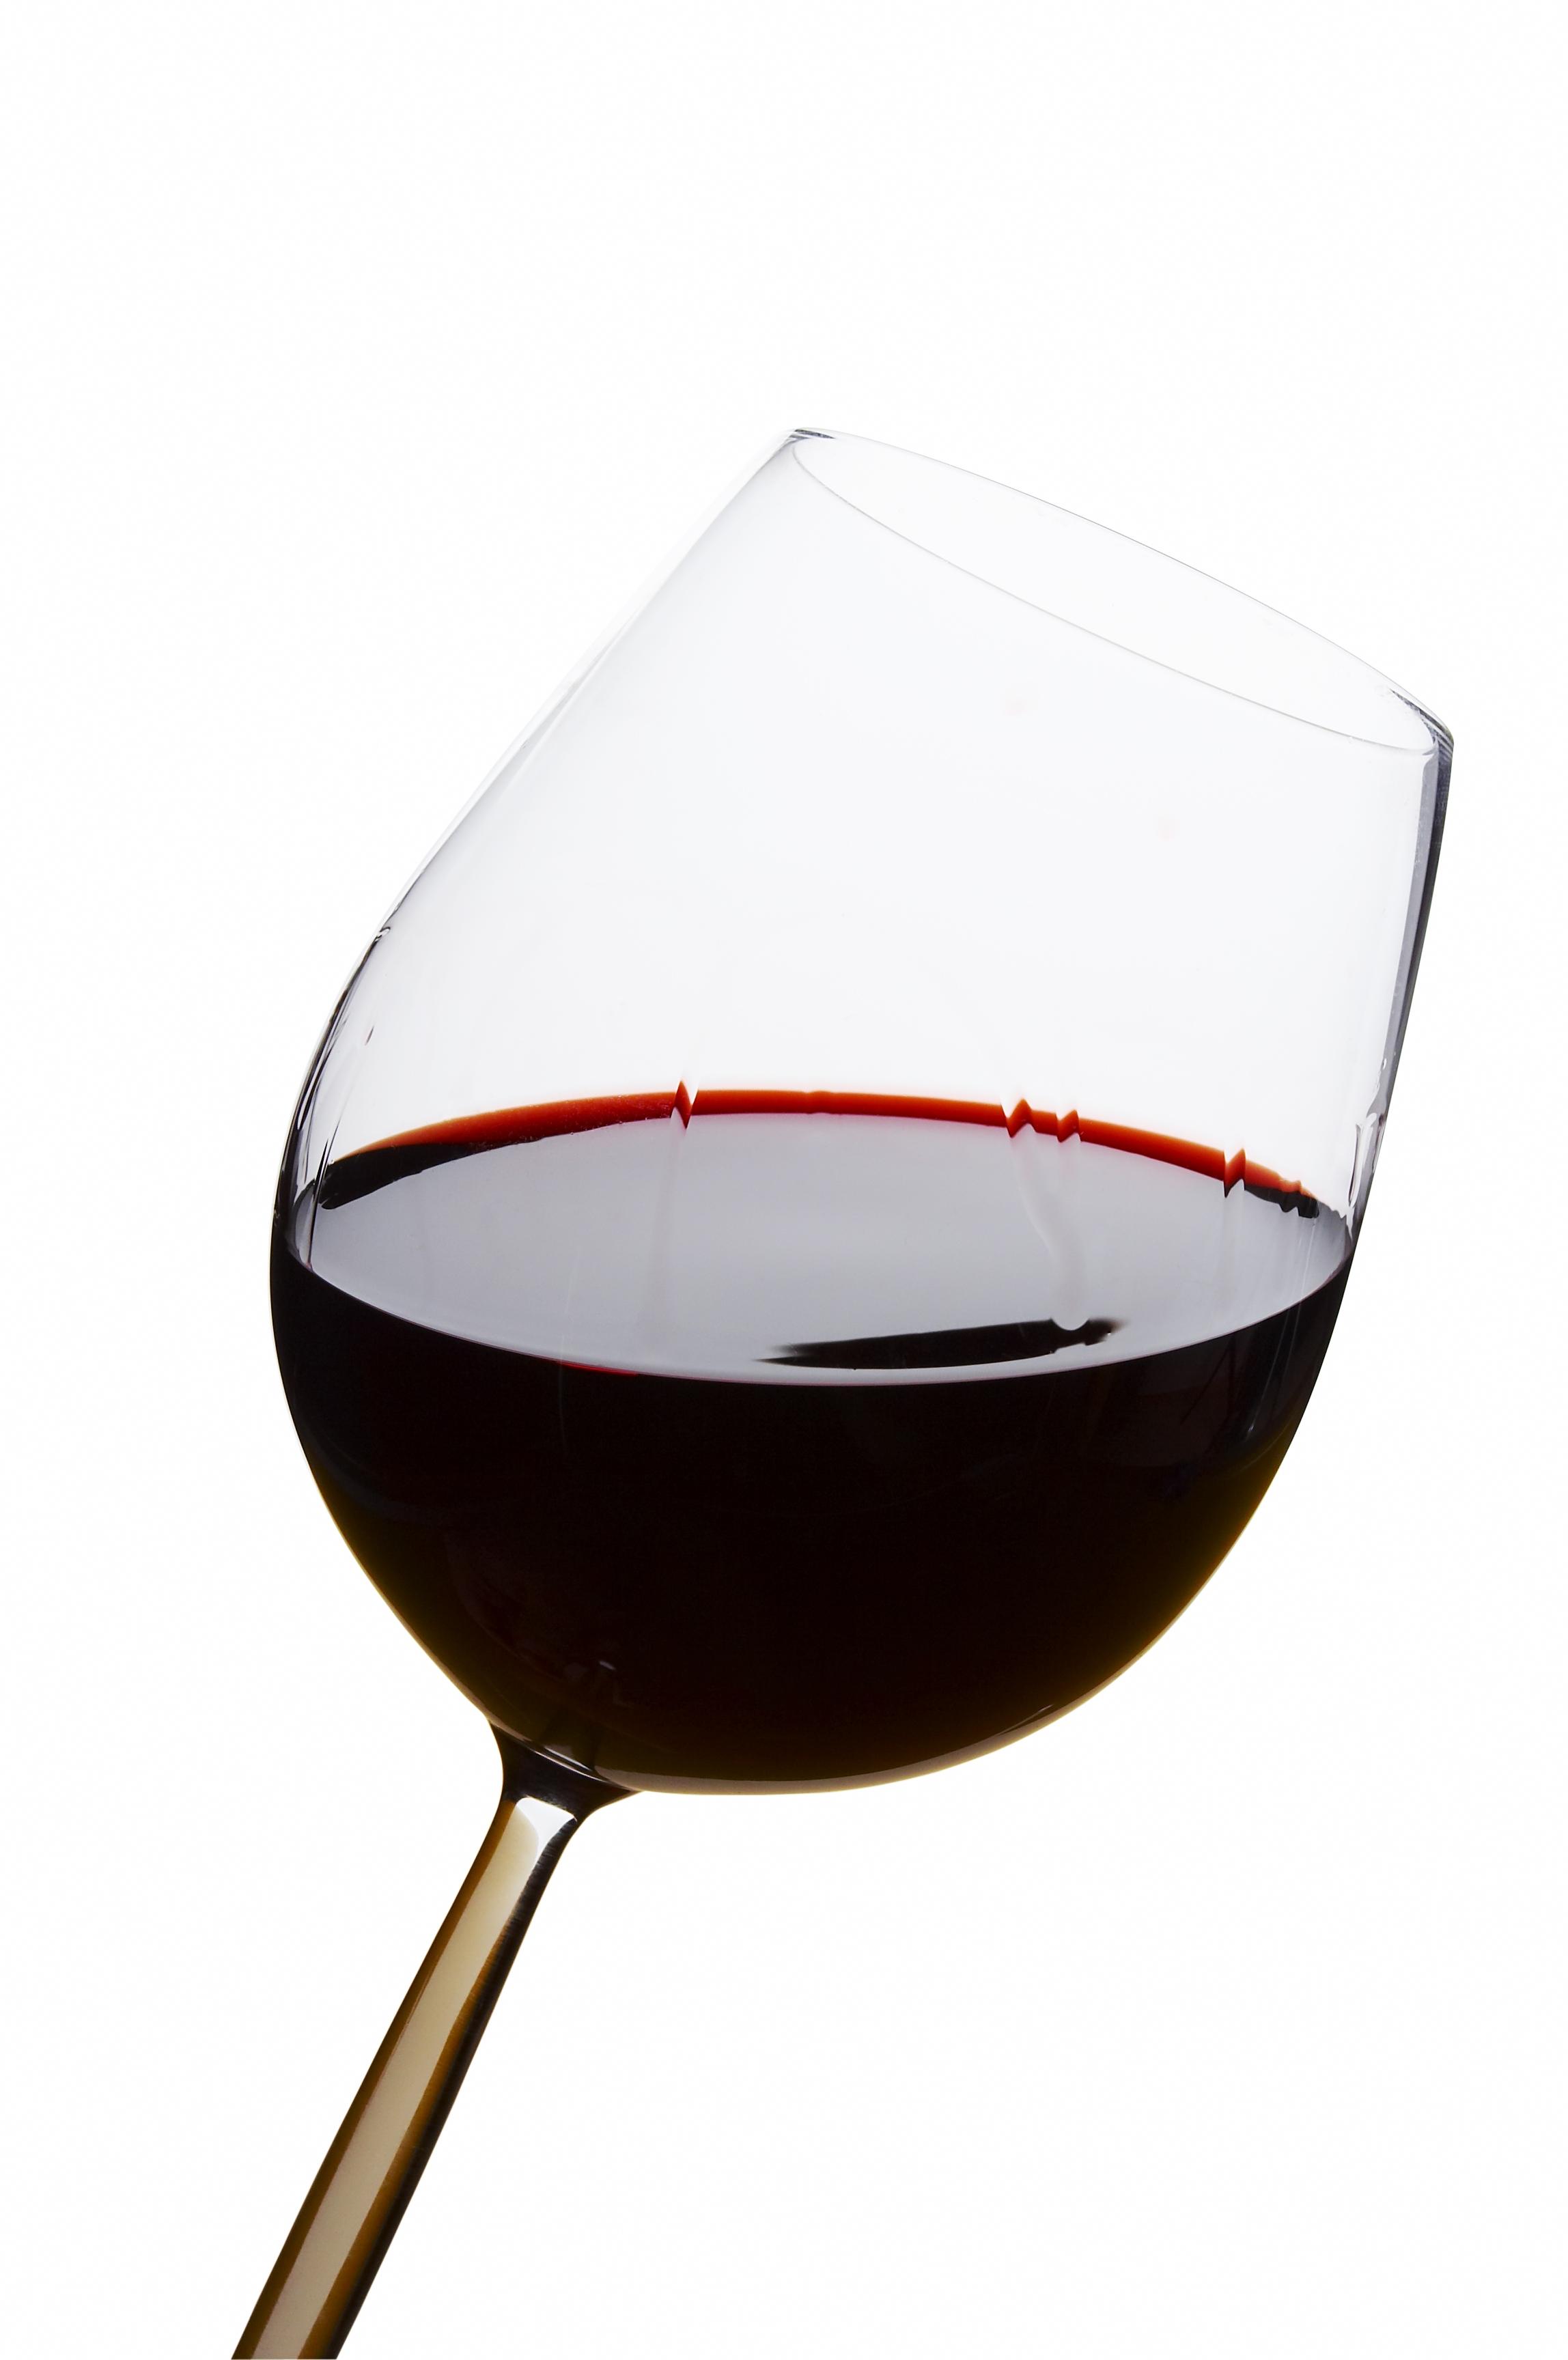 Cómo elegir una copa de vino